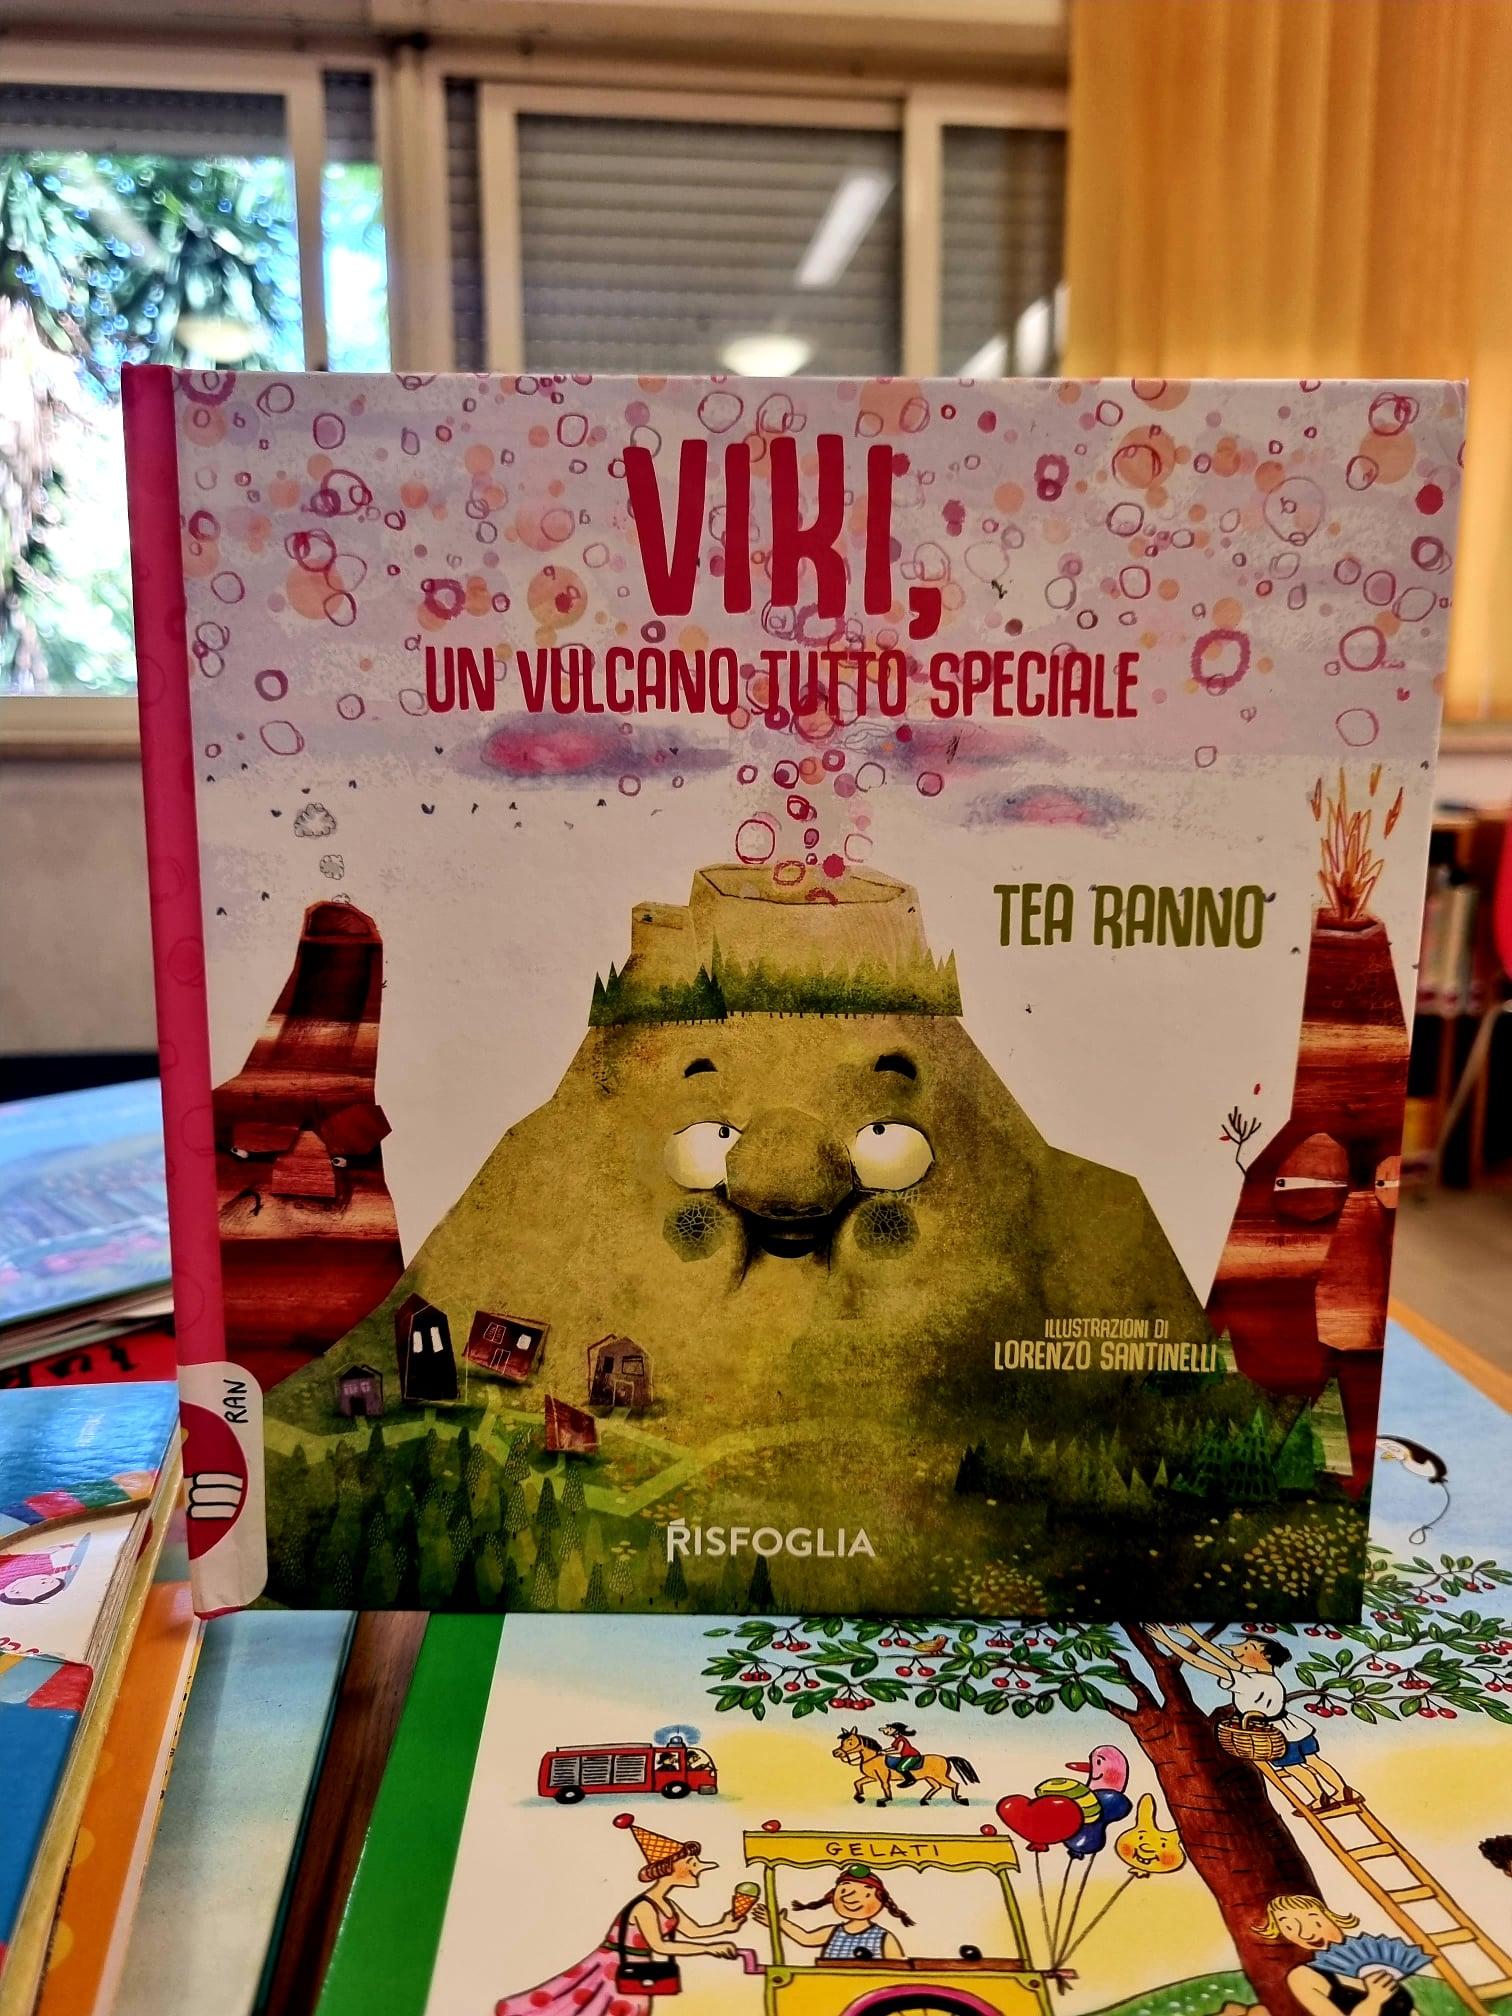 Viki, un vulcano tutto speciale